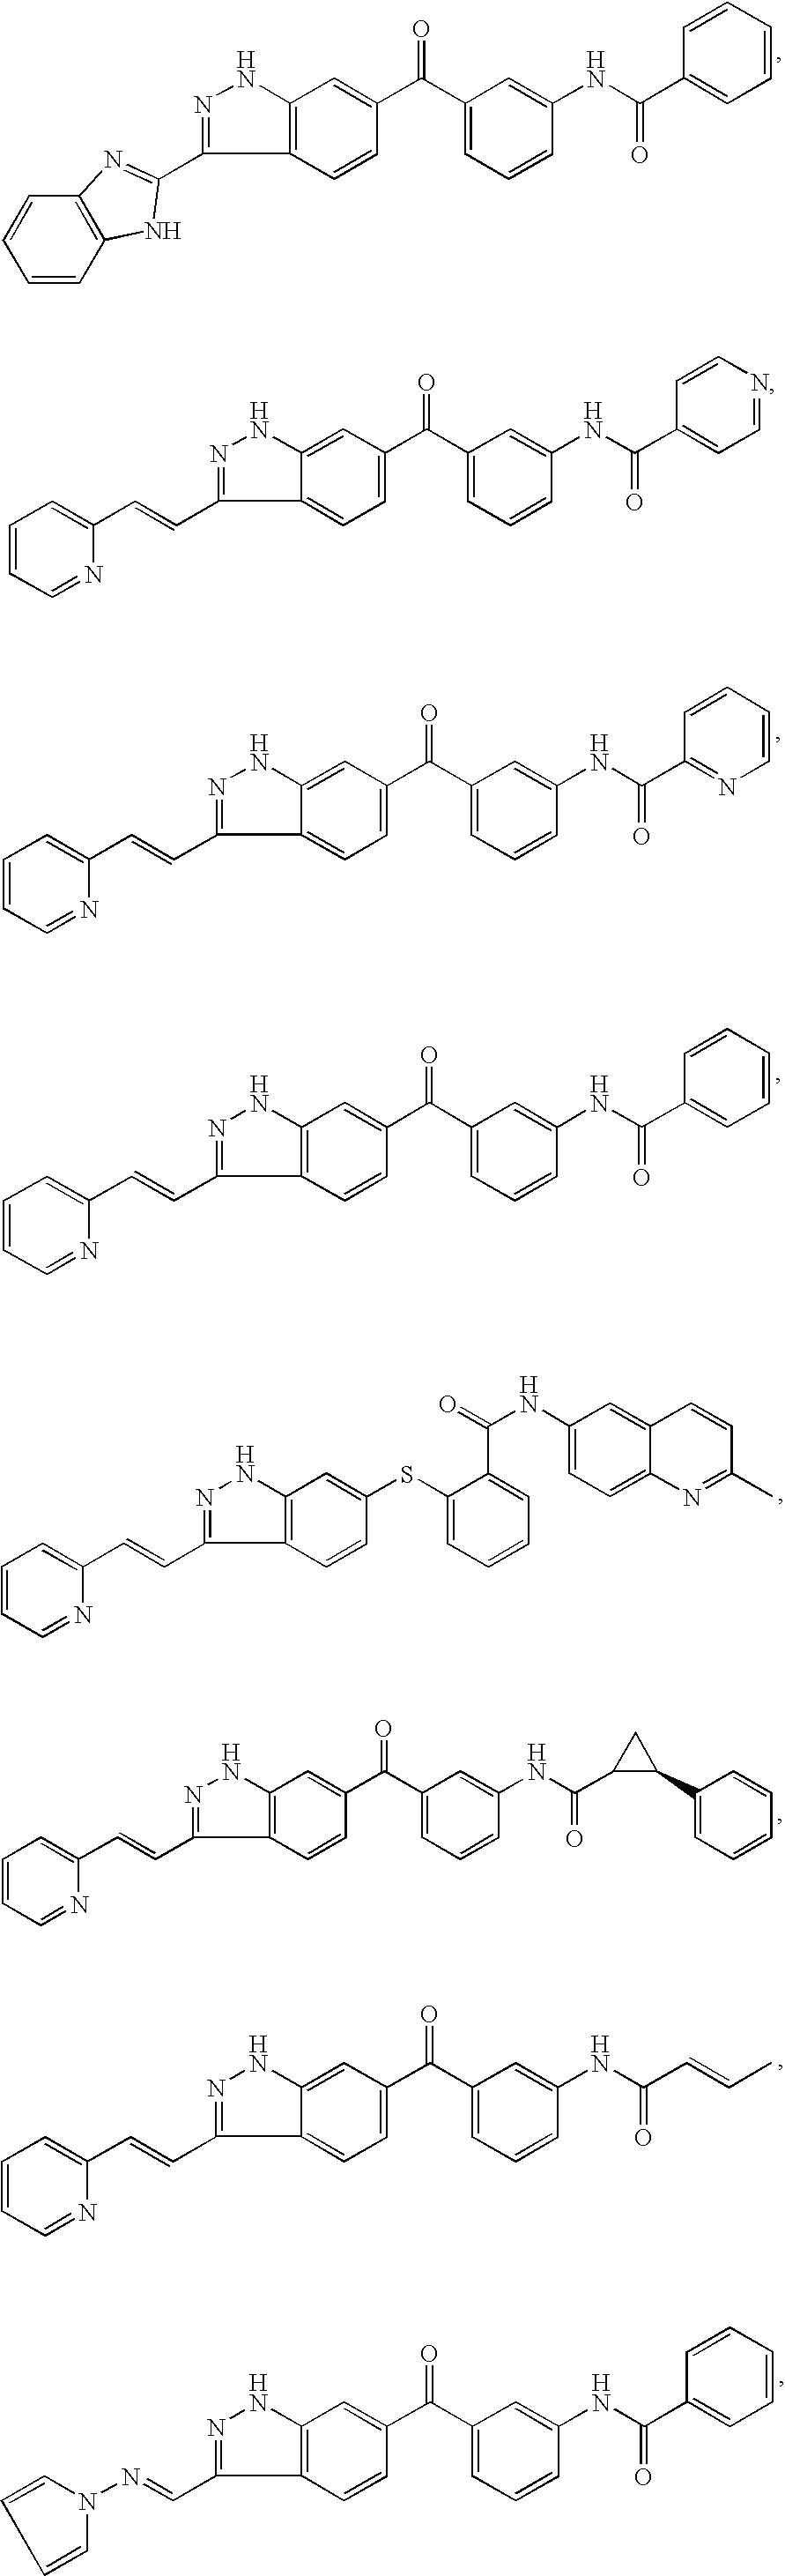 Figure US07141581-20061128-C00007